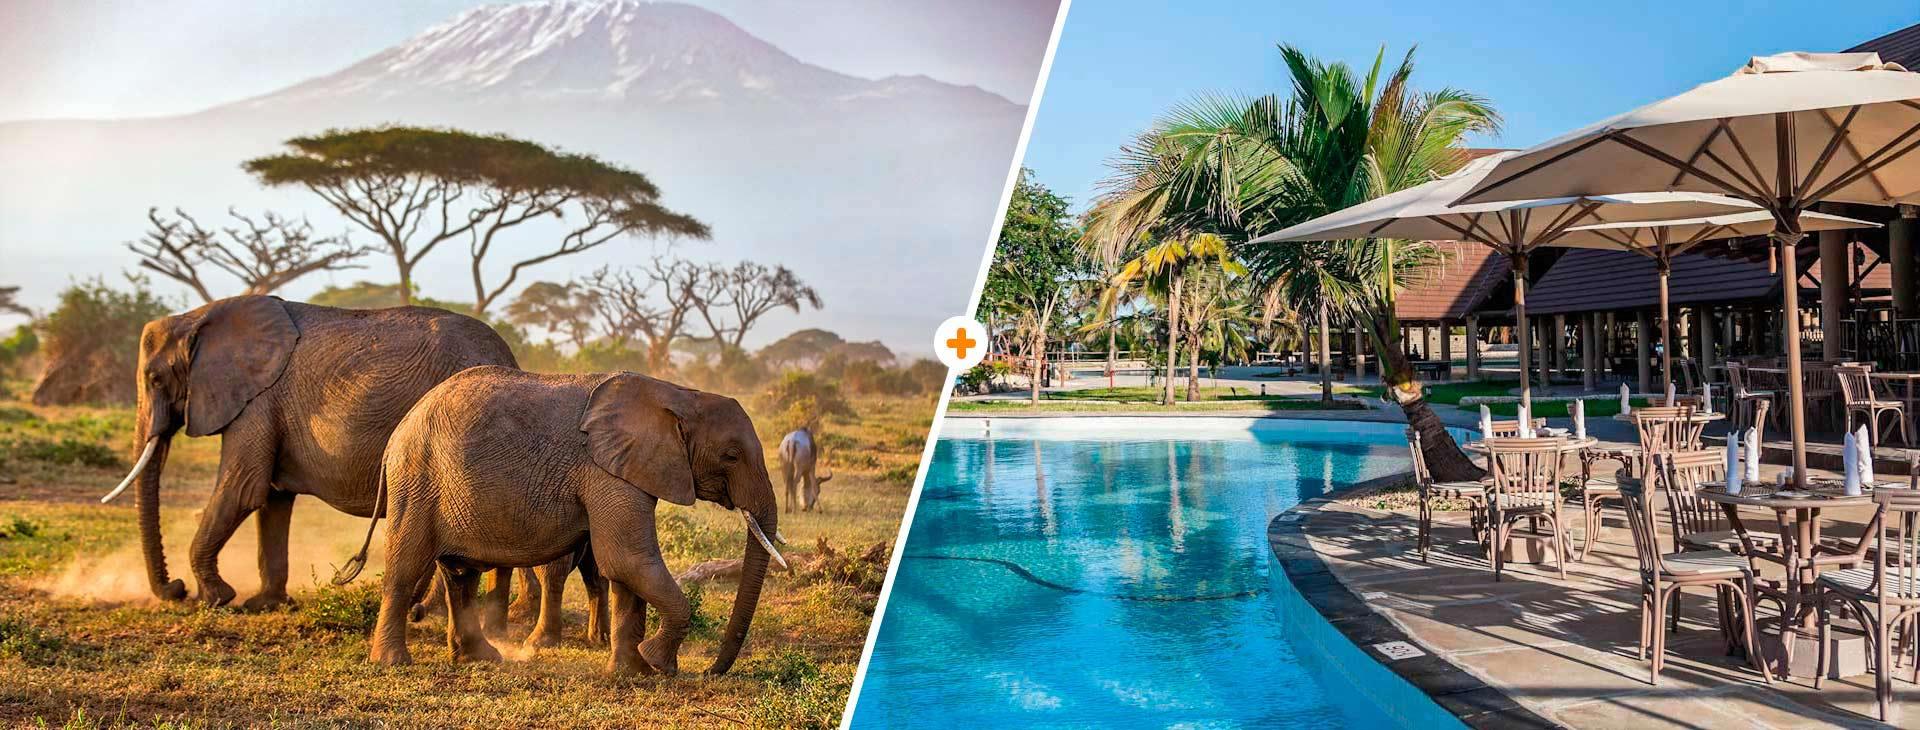 Powitanie z Afryką / Amani Tiwi Beach Resort Kenia Wyc. objazdowe